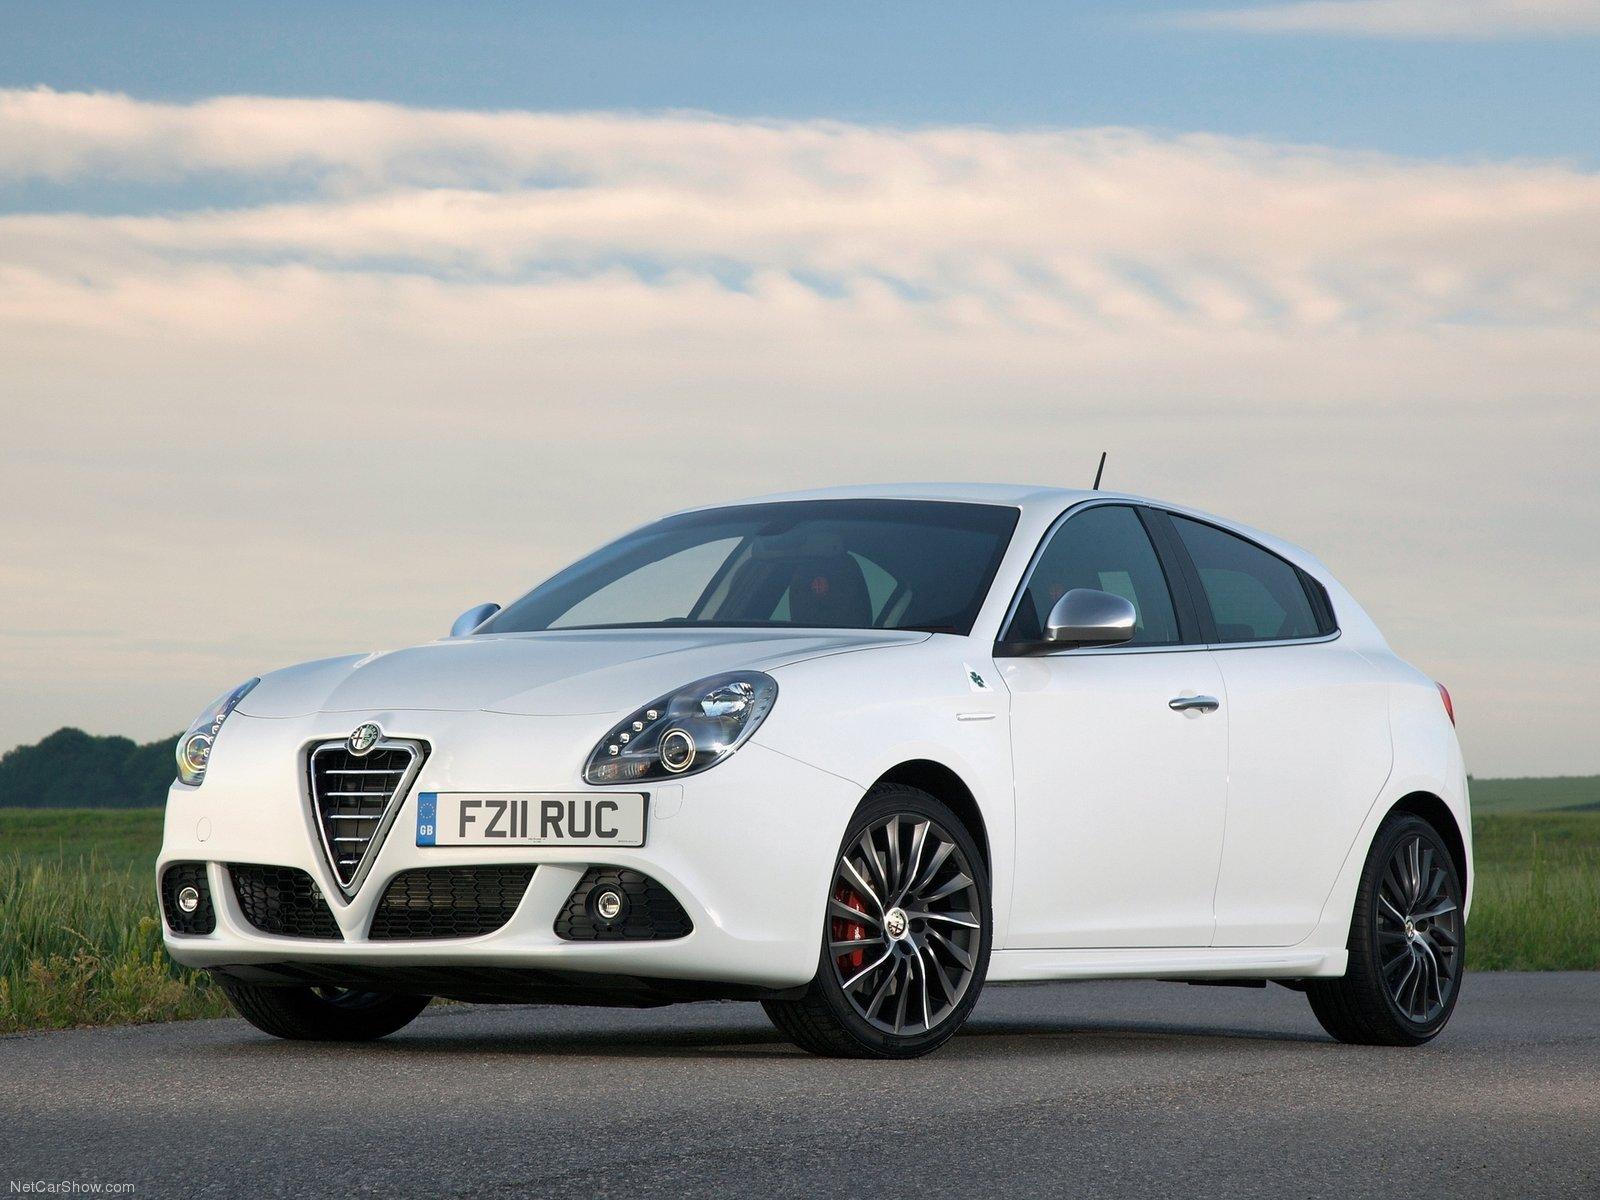 Alfa Romeo Giulietta Tuning – Auto Bild Idee